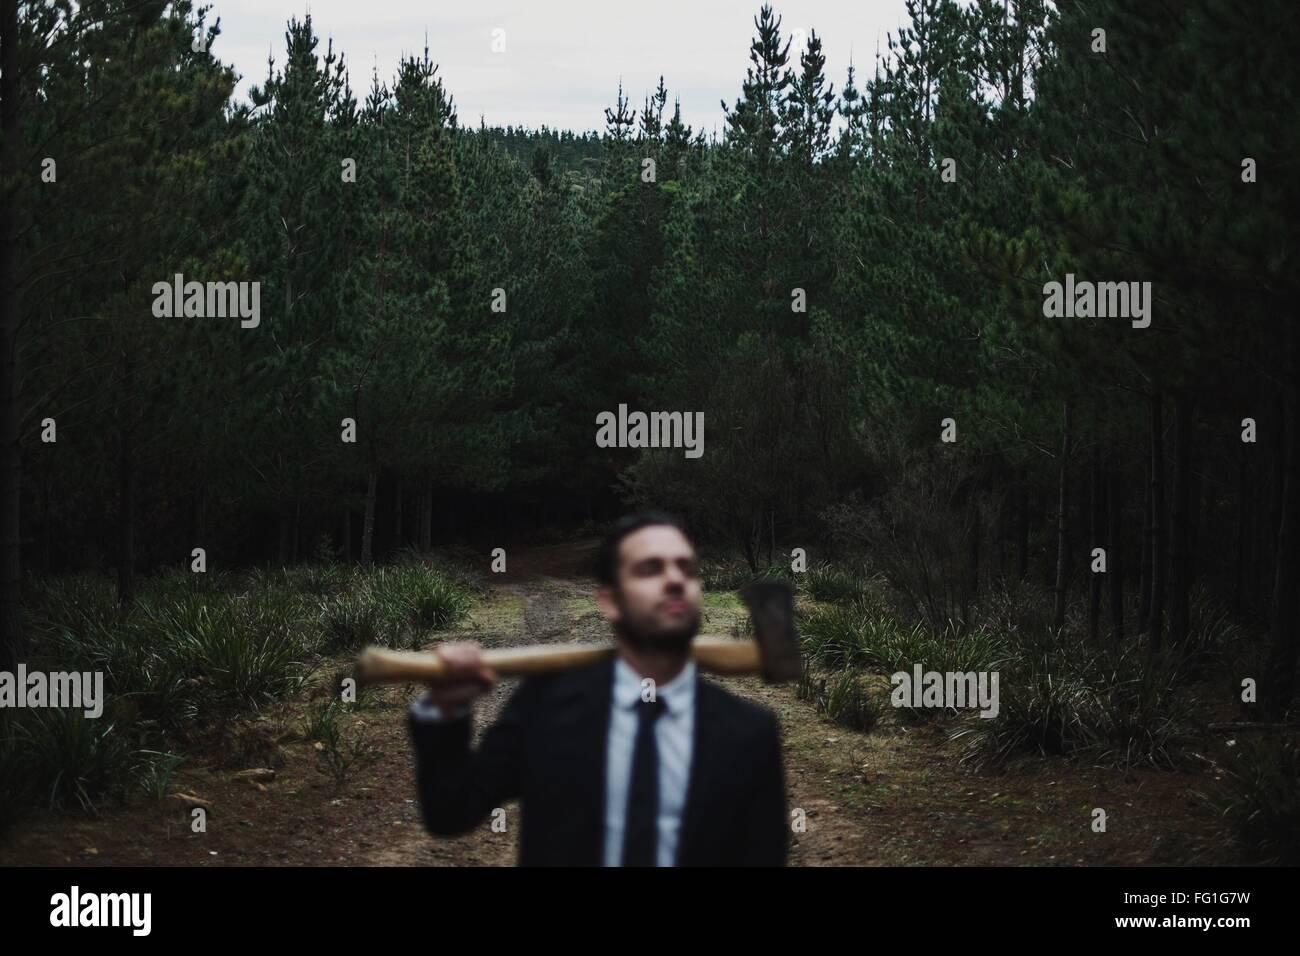 El hombre en traje celebración Ax en bosque Imagen De Stock